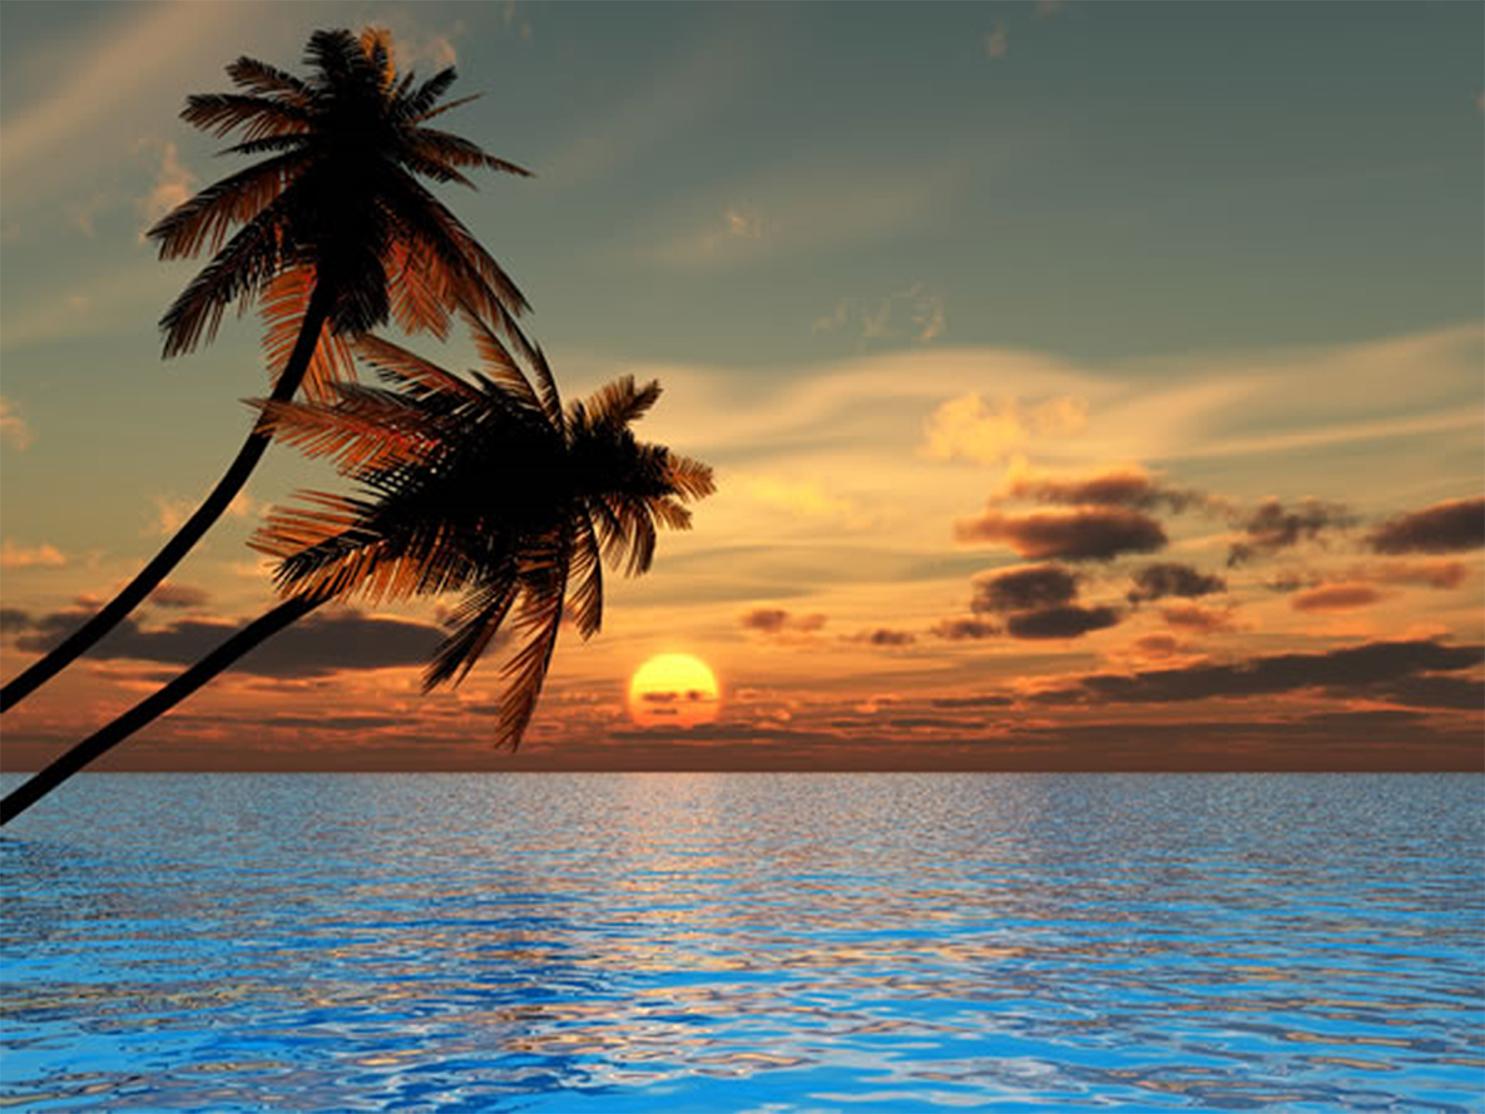 Sunset Beach Wallpapers Download Wallpaper DaWallpaperz 1485x1114